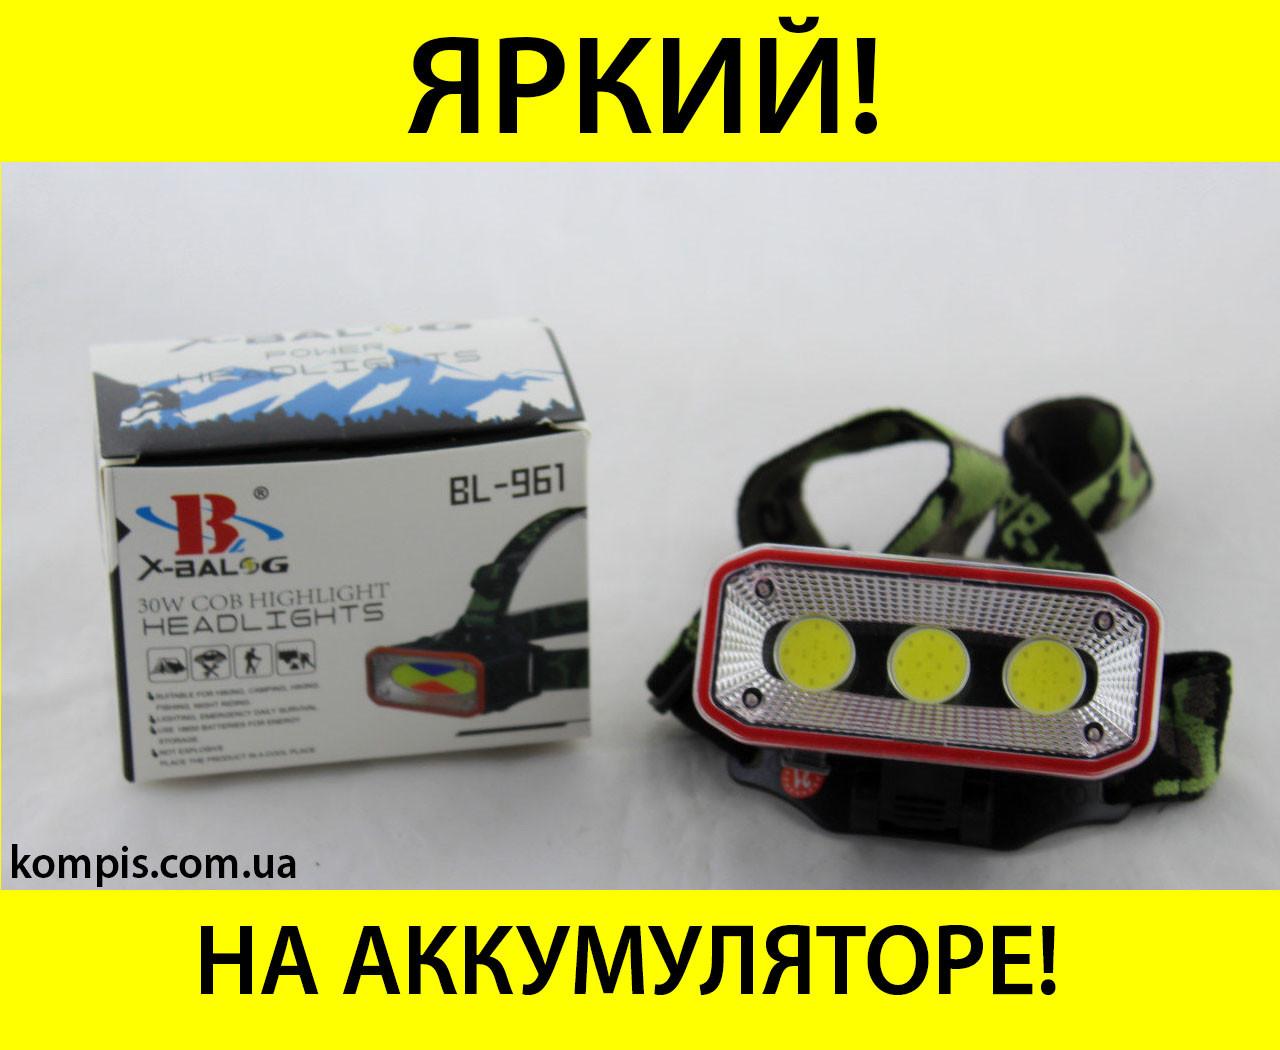 МОЩНЫЙ и ЯРКИЙ Фонарь BL 961 налобный, фонарик на голову